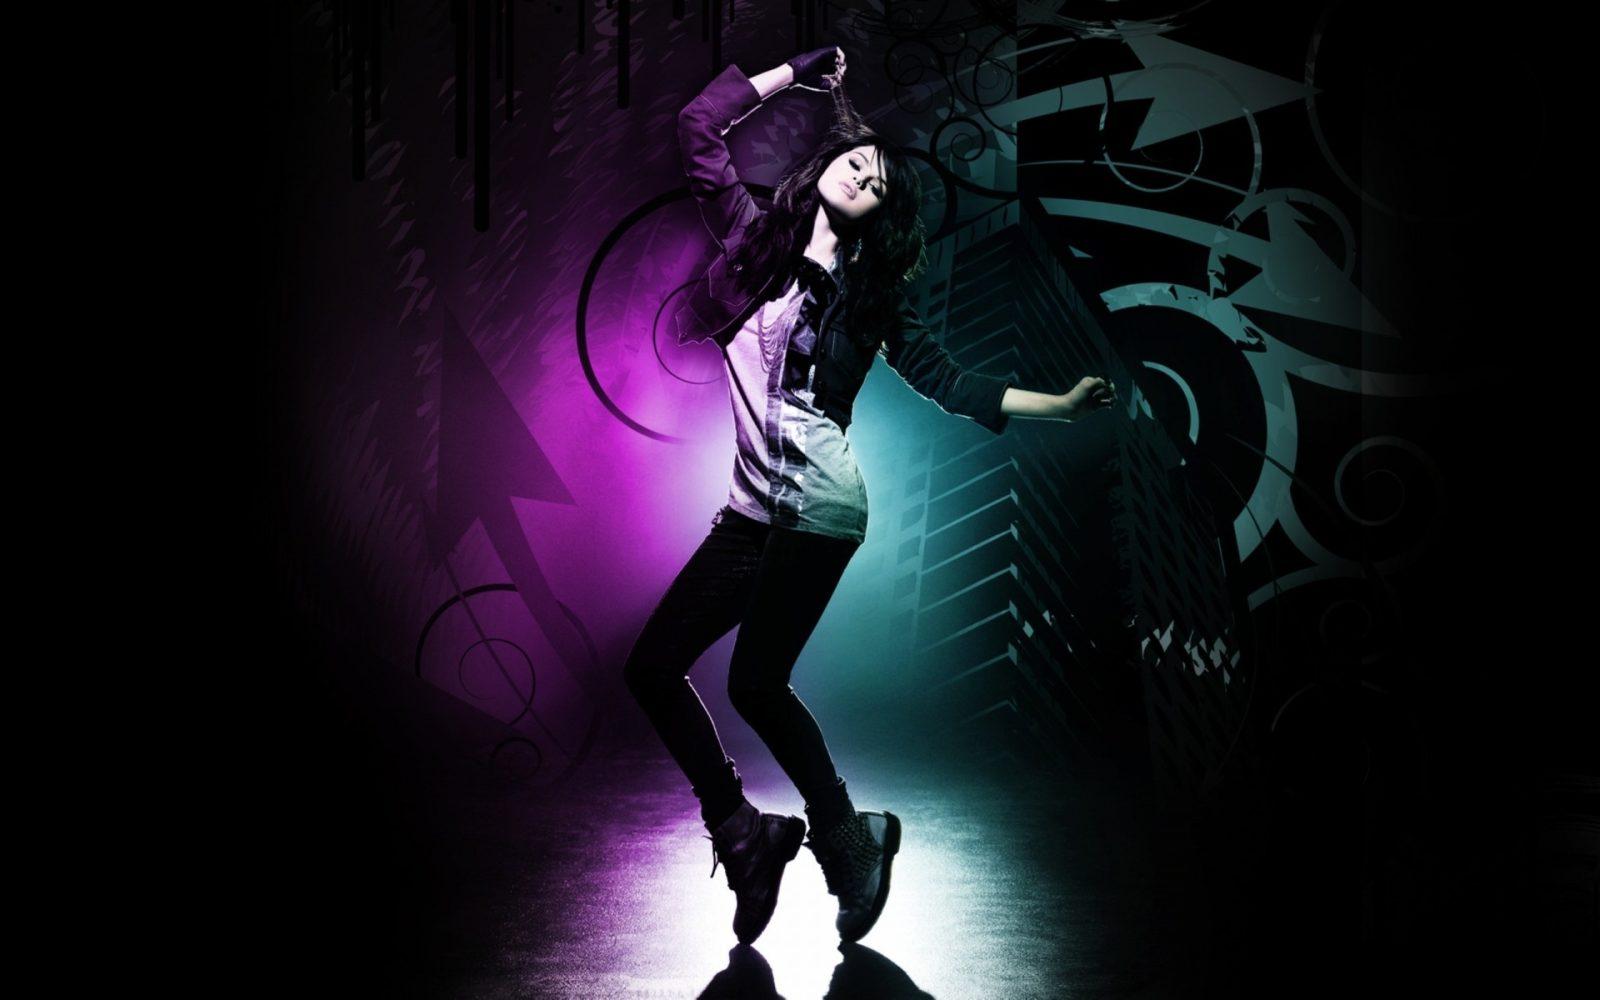 девушка танцует фото 56